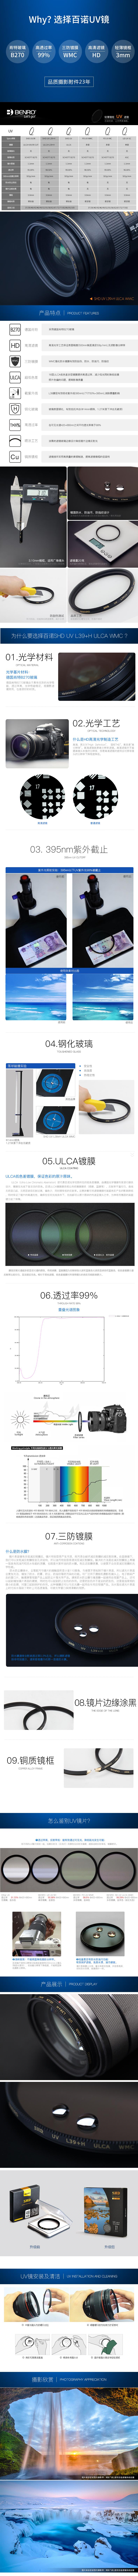 SHD UV L39+H WMC.jpg